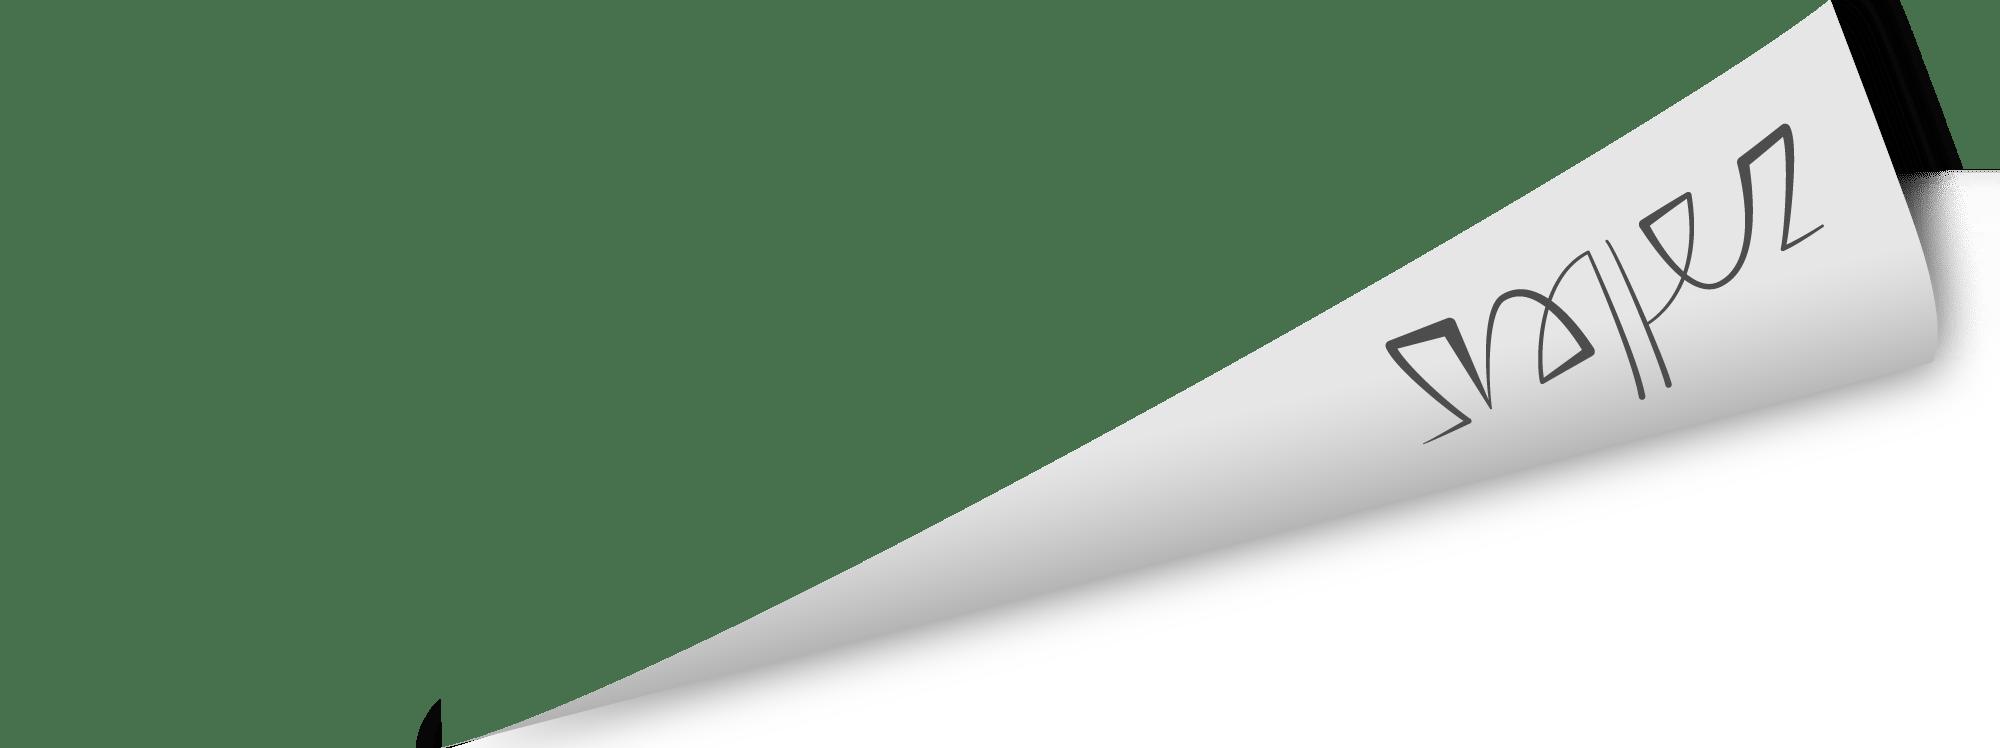 homepage 2020 03 17